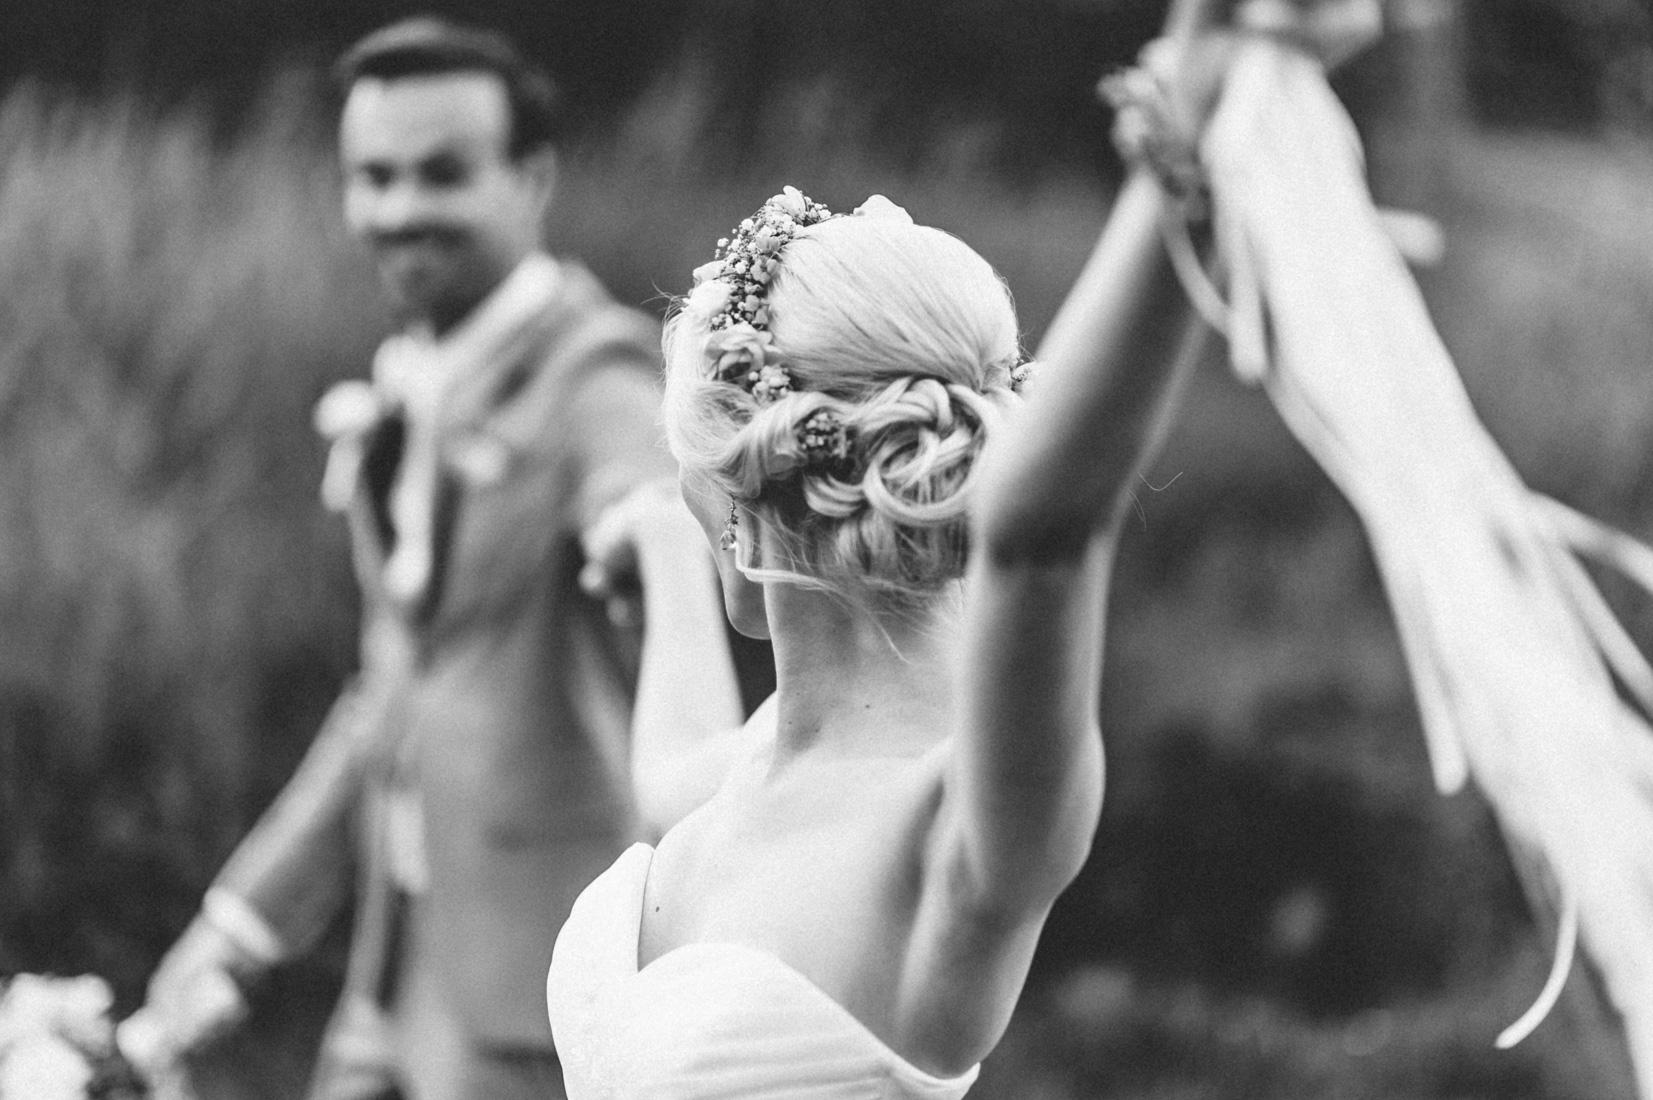 pastel-vintage-hertefeld-117 hochzeitsfotograf schloss hertefeldGalina & Robert DIY Pastel Vintage Hochzeit auf Schloss Hertefeldpastel vintage hertefeld 117